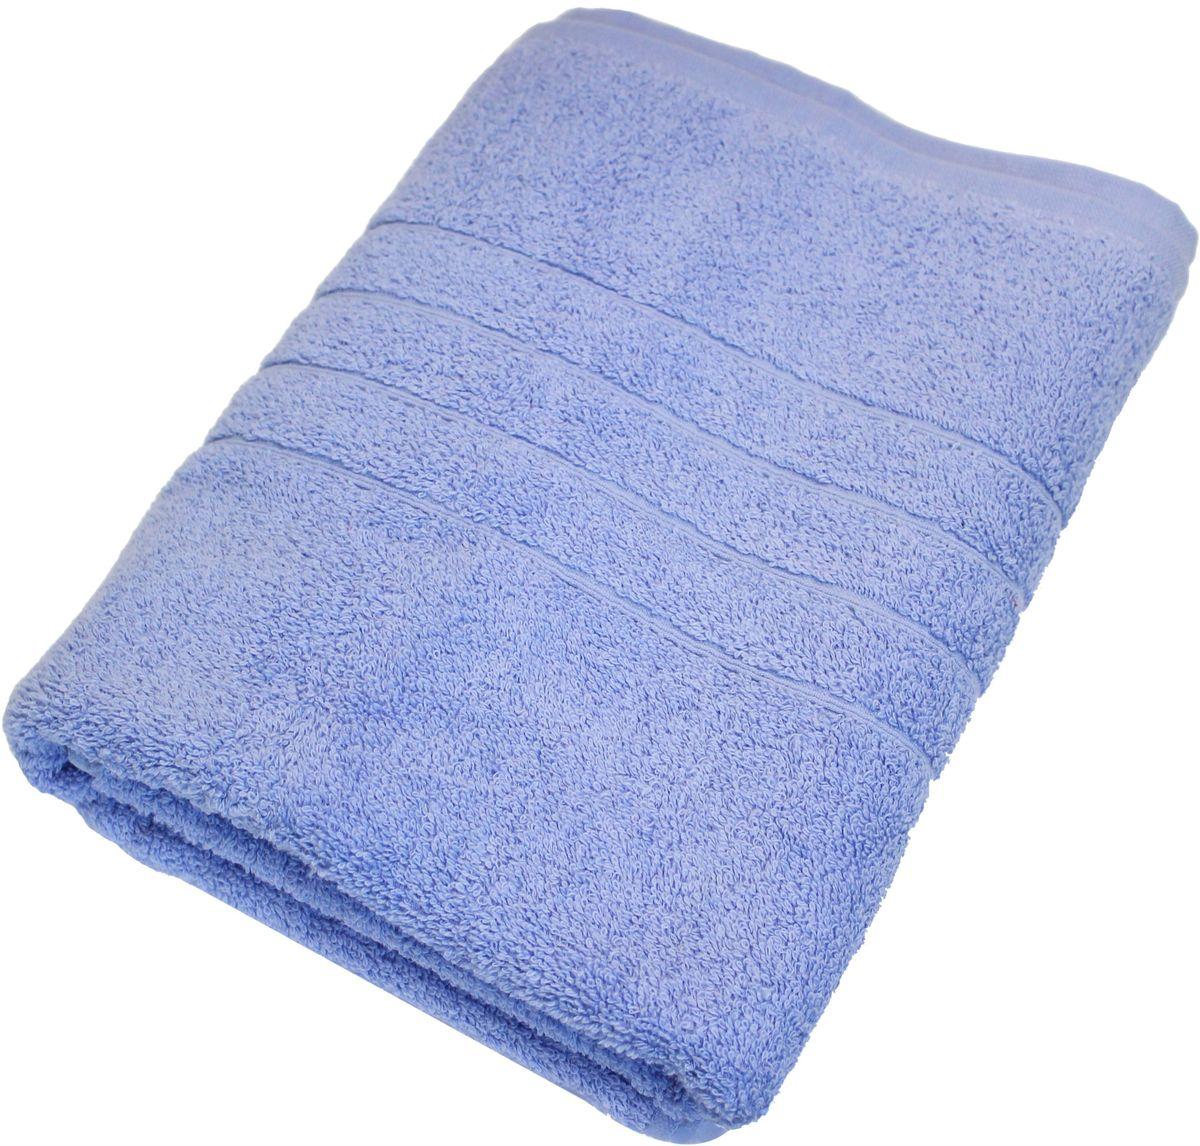 Полотенце Proffi Home Модерн, цвет: голубой, 70 x 140 смS03301004Мягкое махровое полотенцеProffi Home Модерн отлично впитывает влагу и быстро сохнет, приятно в него завернуться после принятия ванны или посещения сауны. Поэтому данное махровое полотенце можно использовать в качестве душевого, банного или пляжного полотенца. Состав: 100% хлопок.